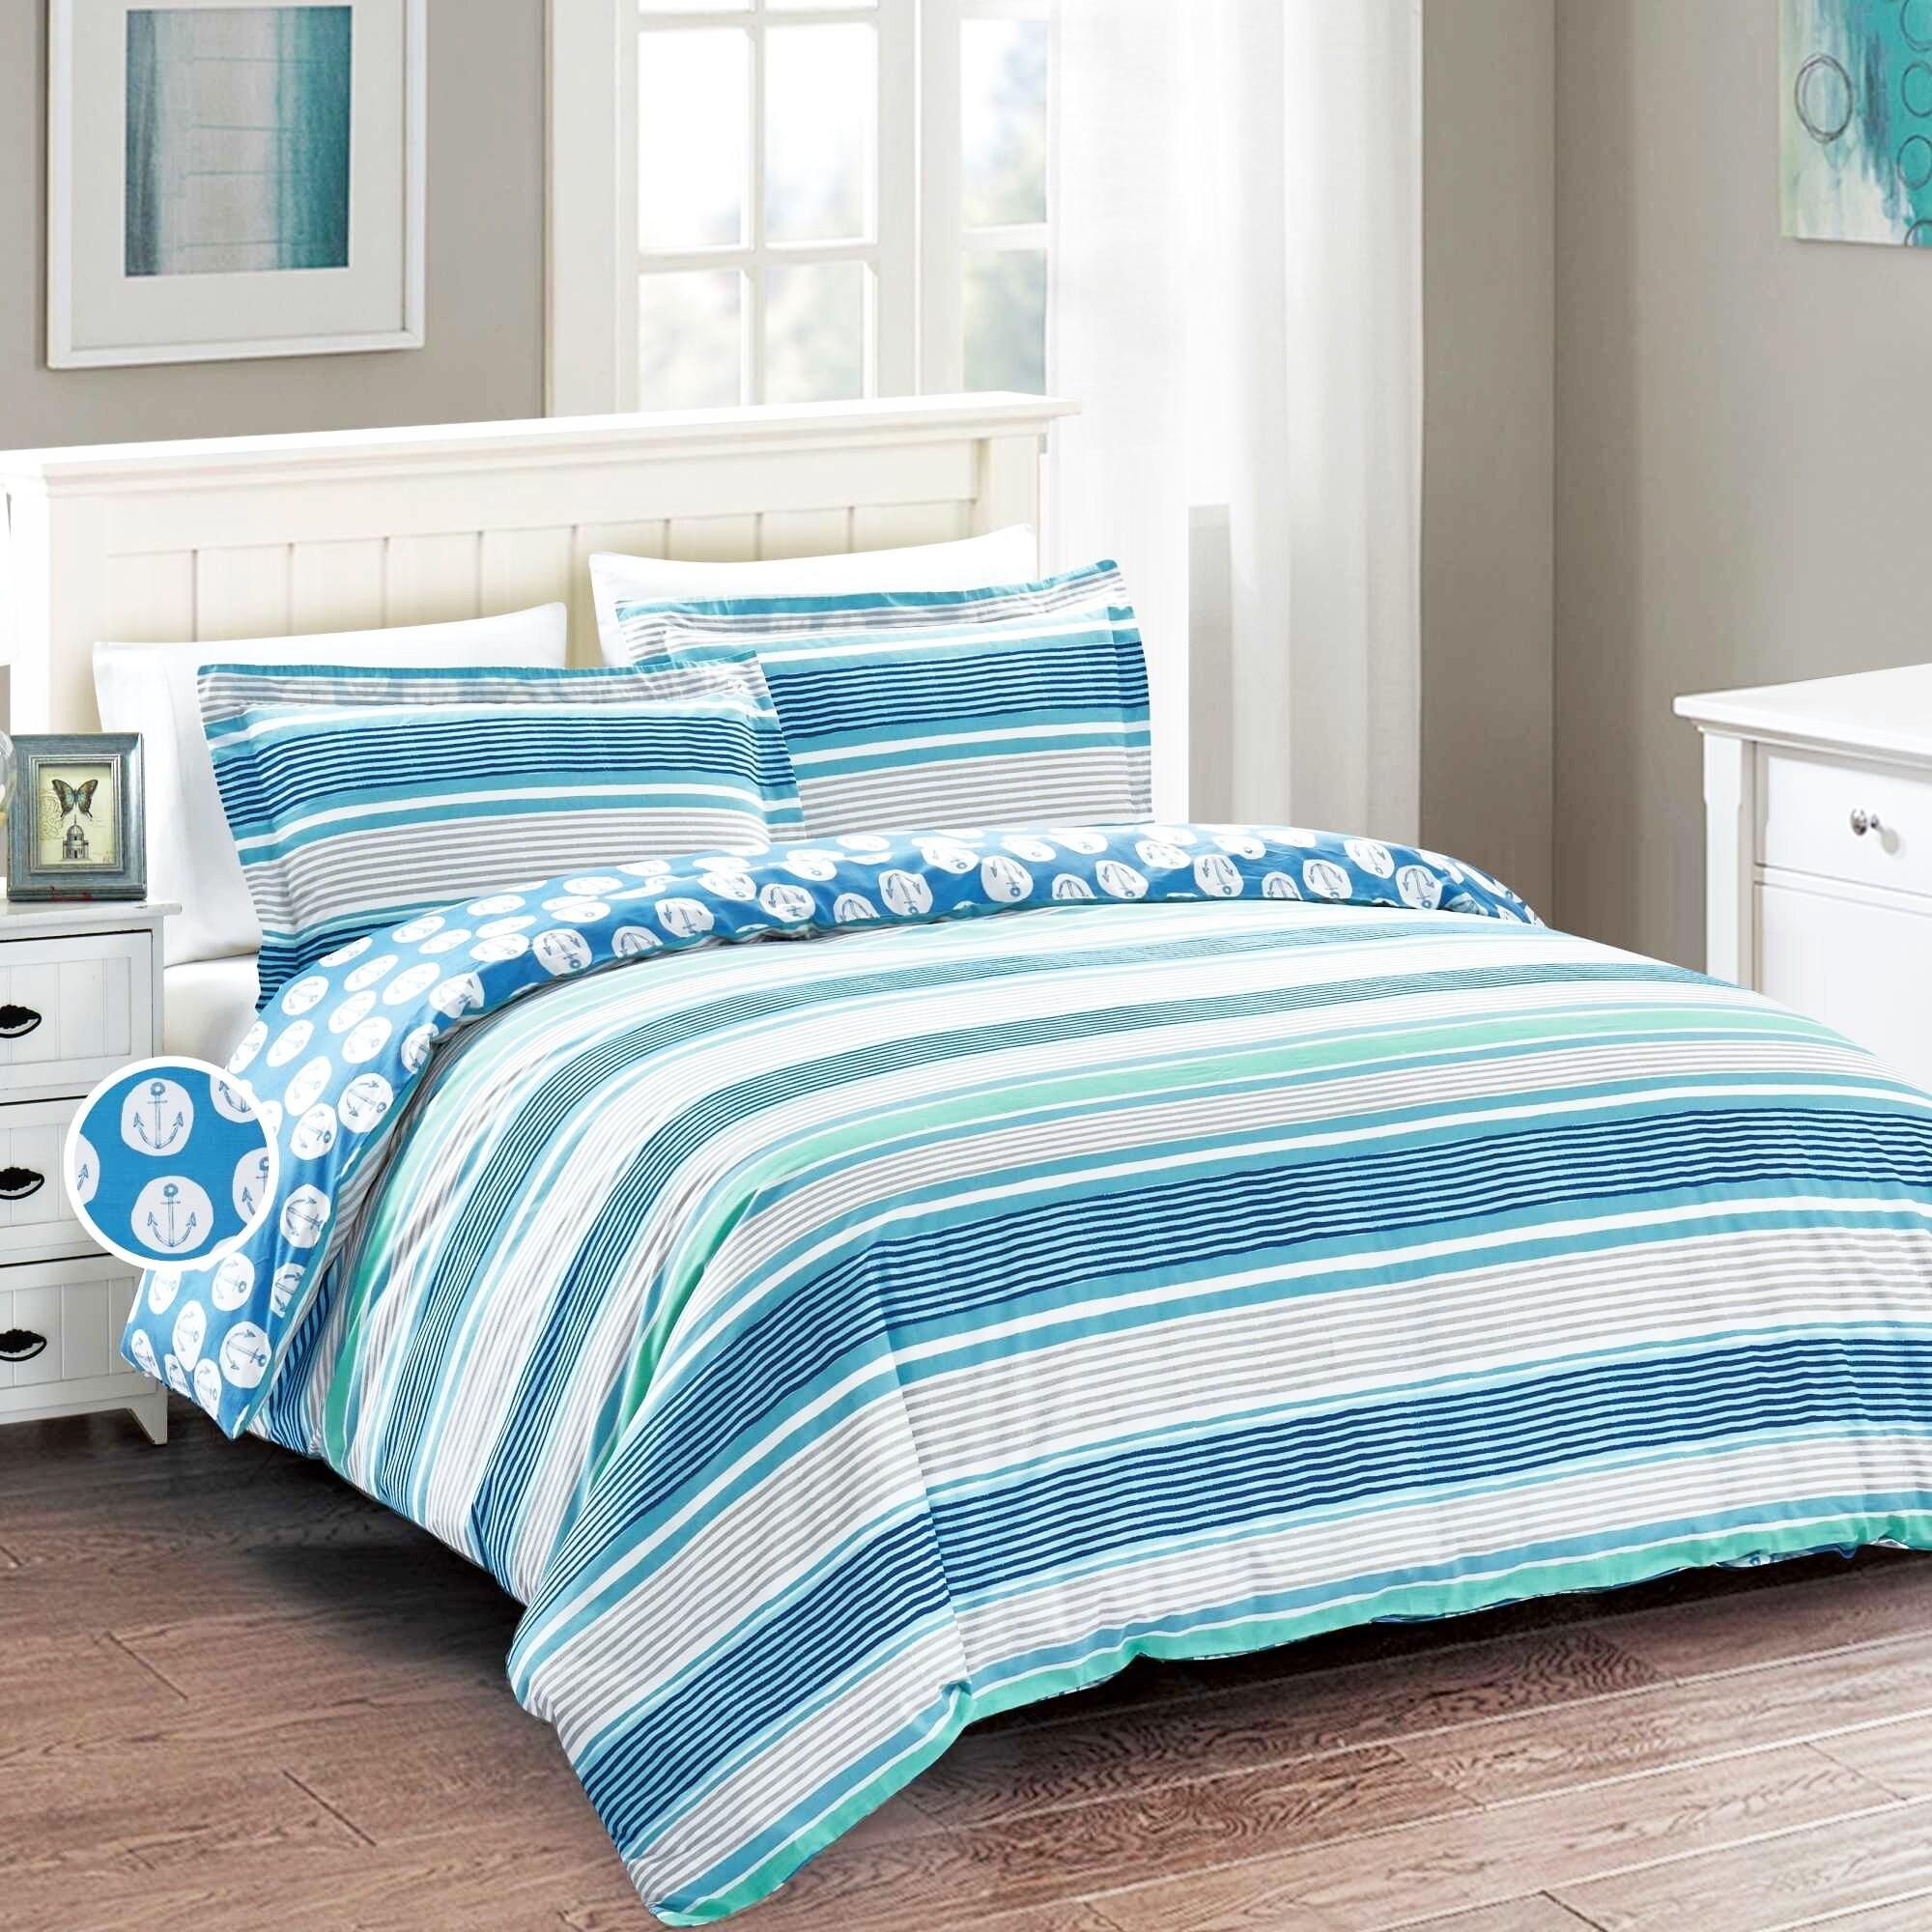 Shop California Design Den Cotton Nautical Stripe Duvet Cover Set   Free  Shipping Today   Overstock   22341386